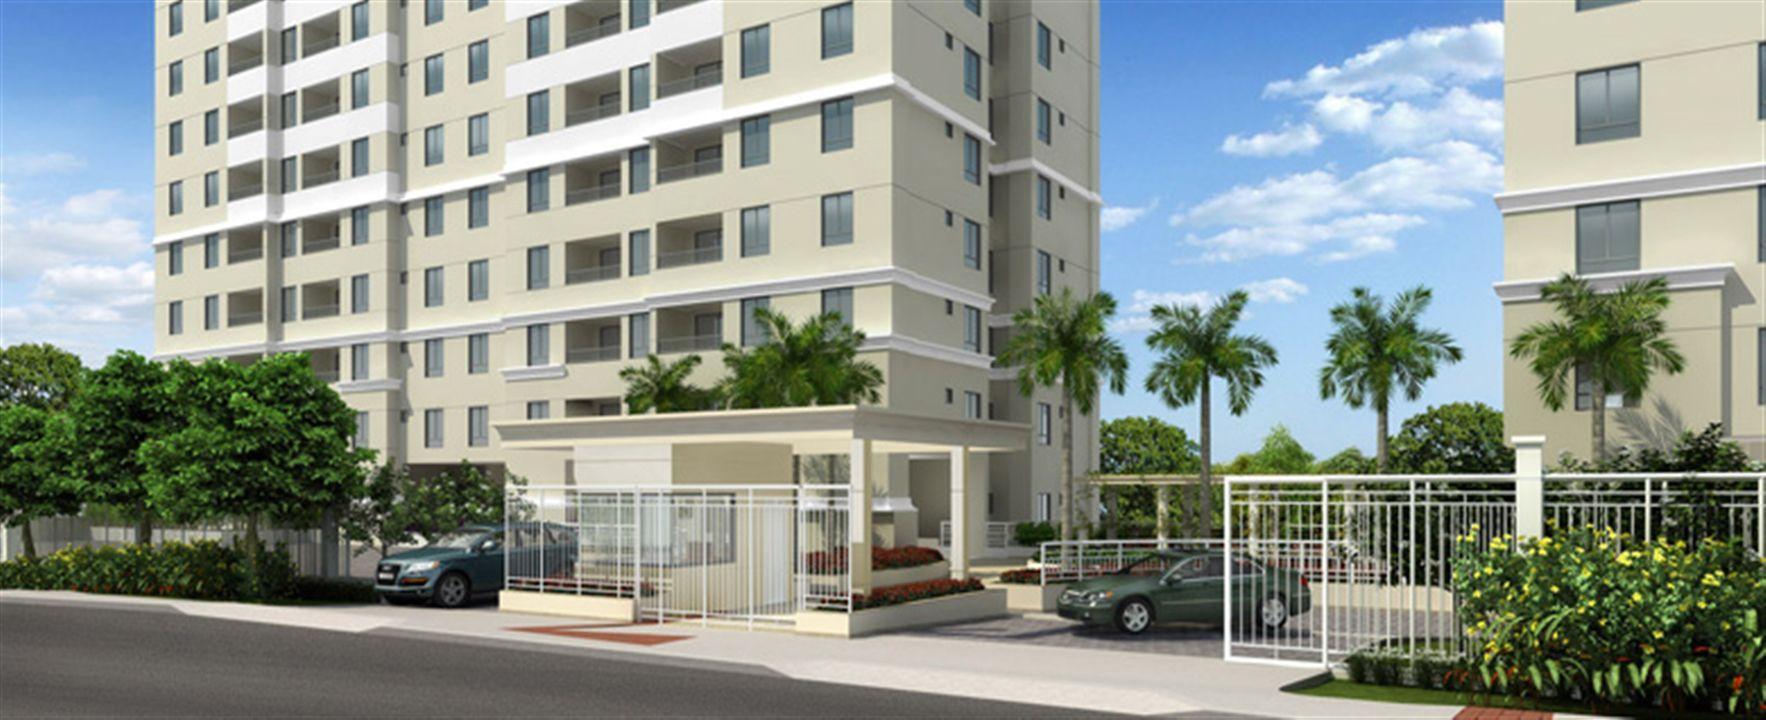 Portaria | Morada Alto do Imbuí – Apartamentono  Alto do Imbuí - Salvador - Bahia